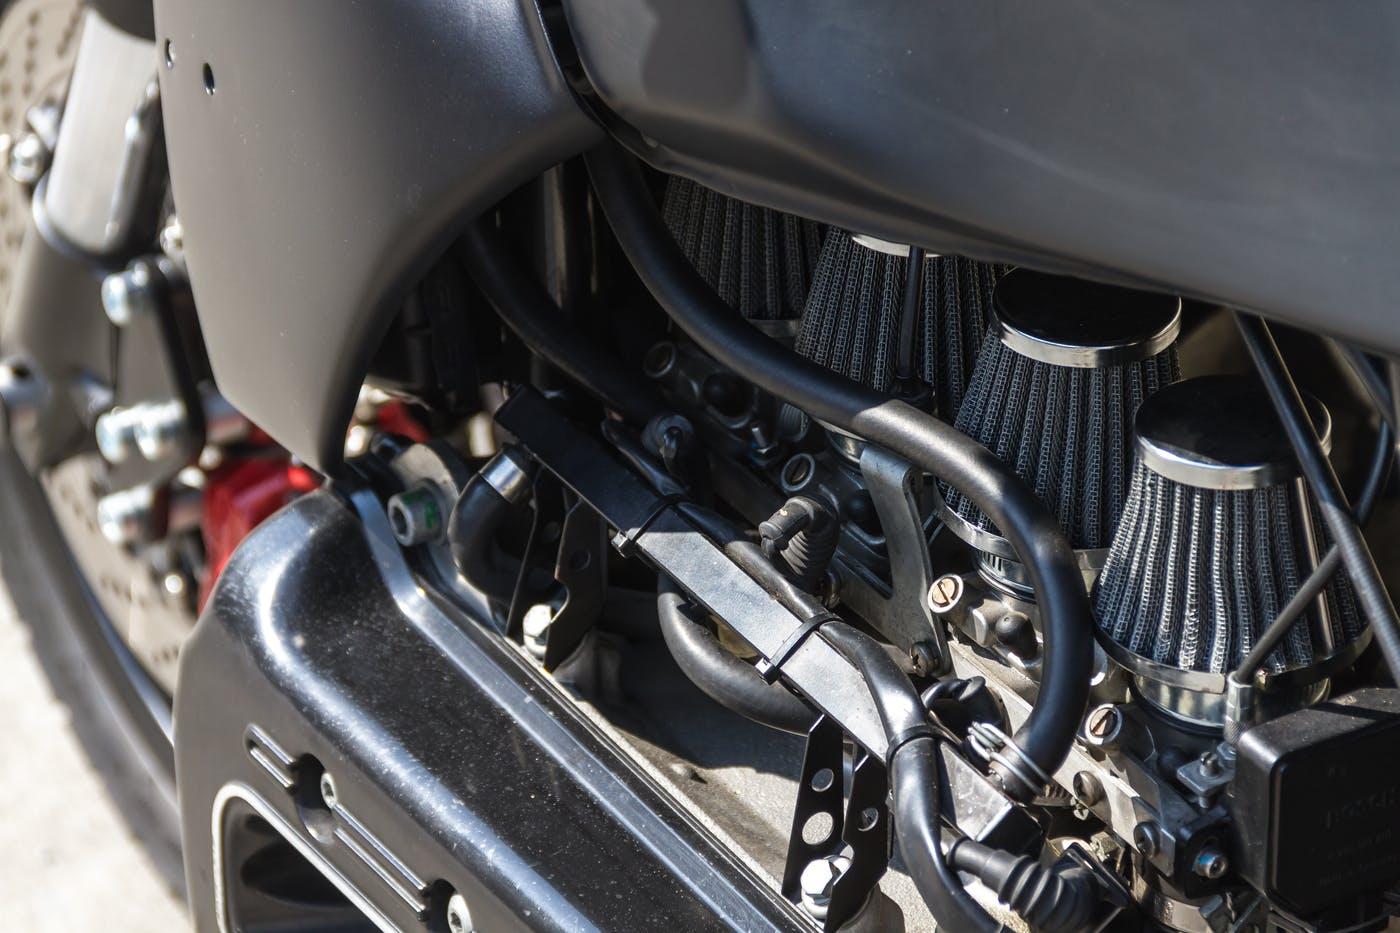 BMW K1100 by Greaser Garage